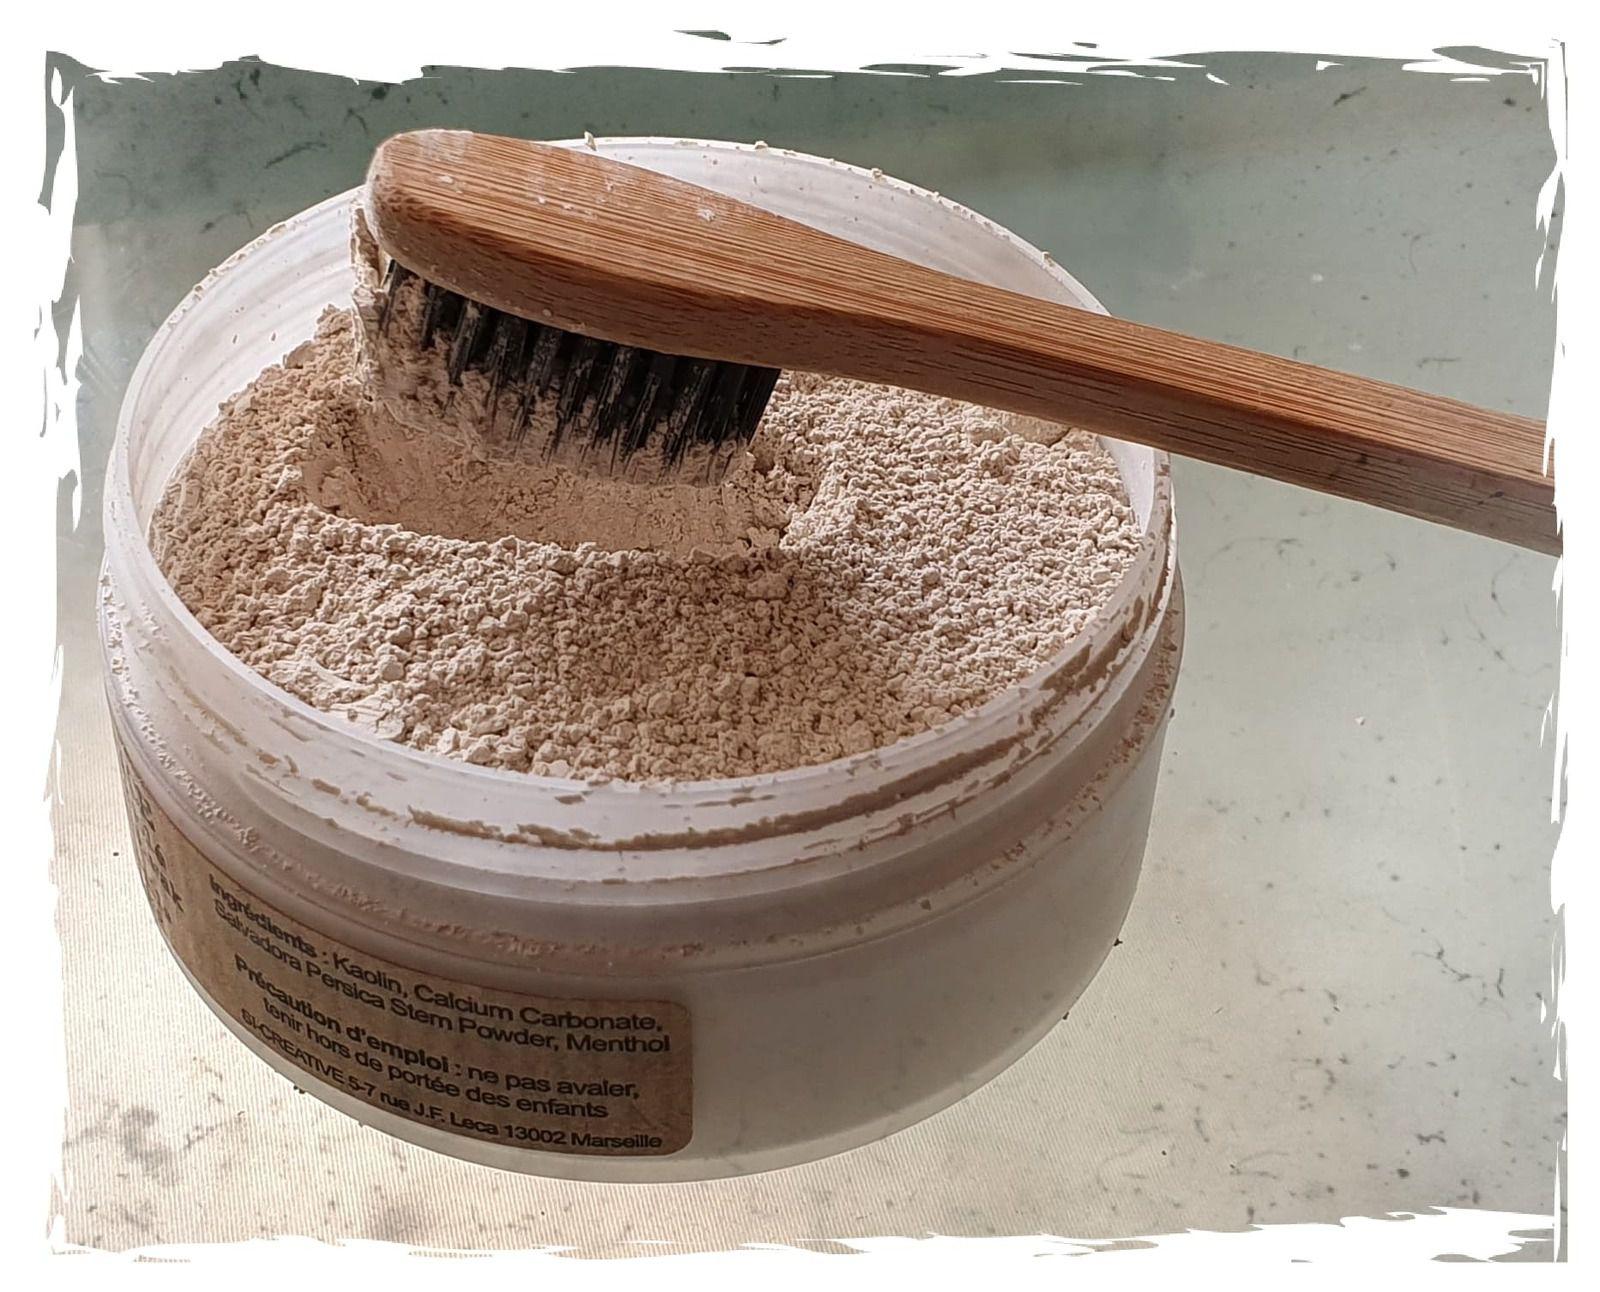 Un savon liquide pour les mains et le dentifrice en poudre COMME AVANT